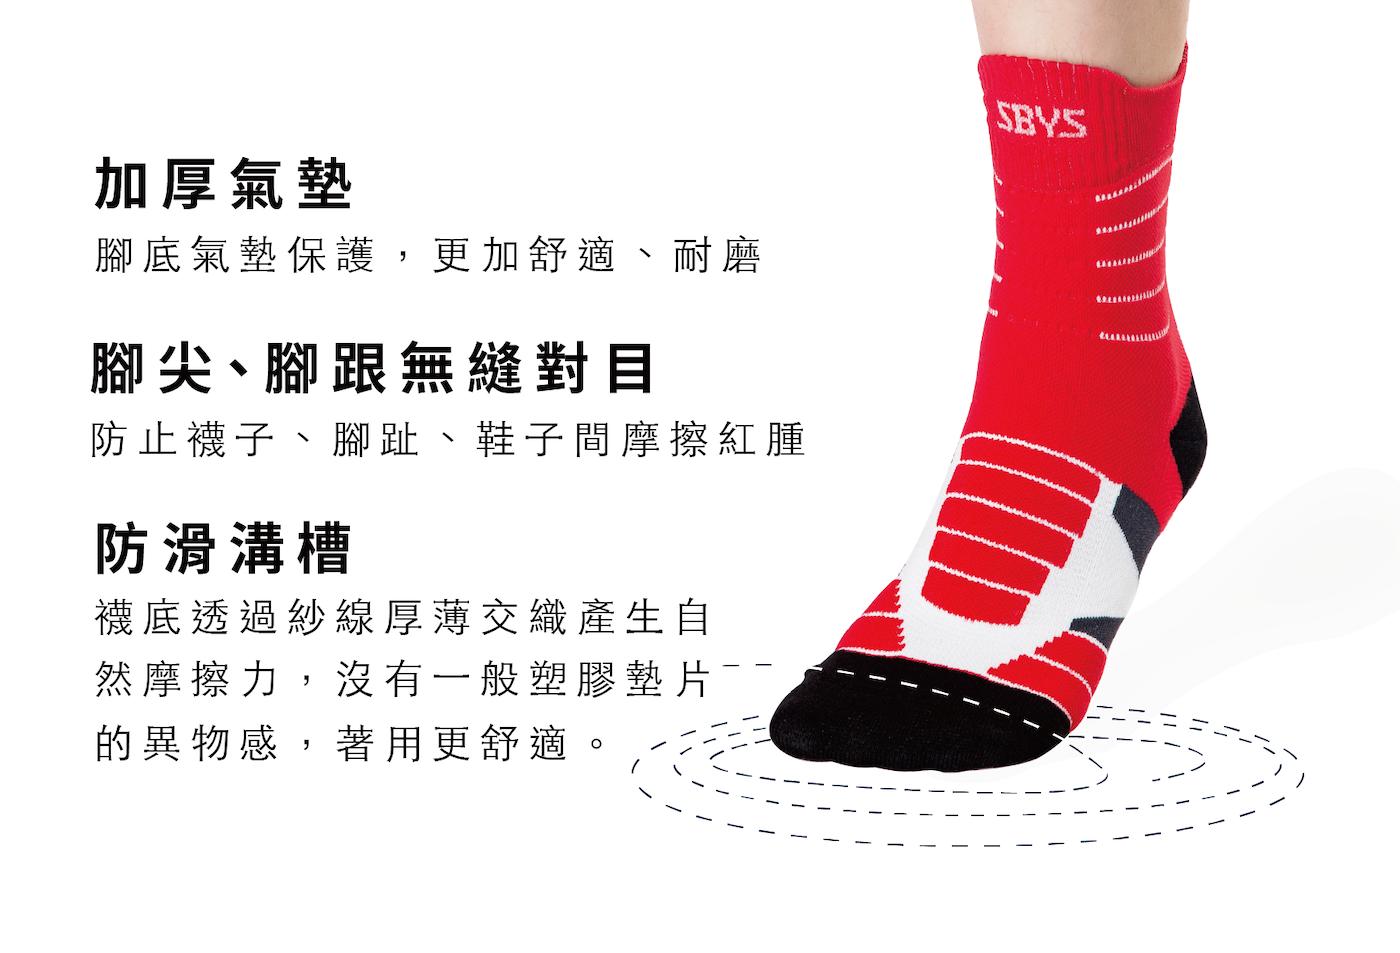 全雙使用竹炭紗線抗臭,襪身具有吸濕排汗功能